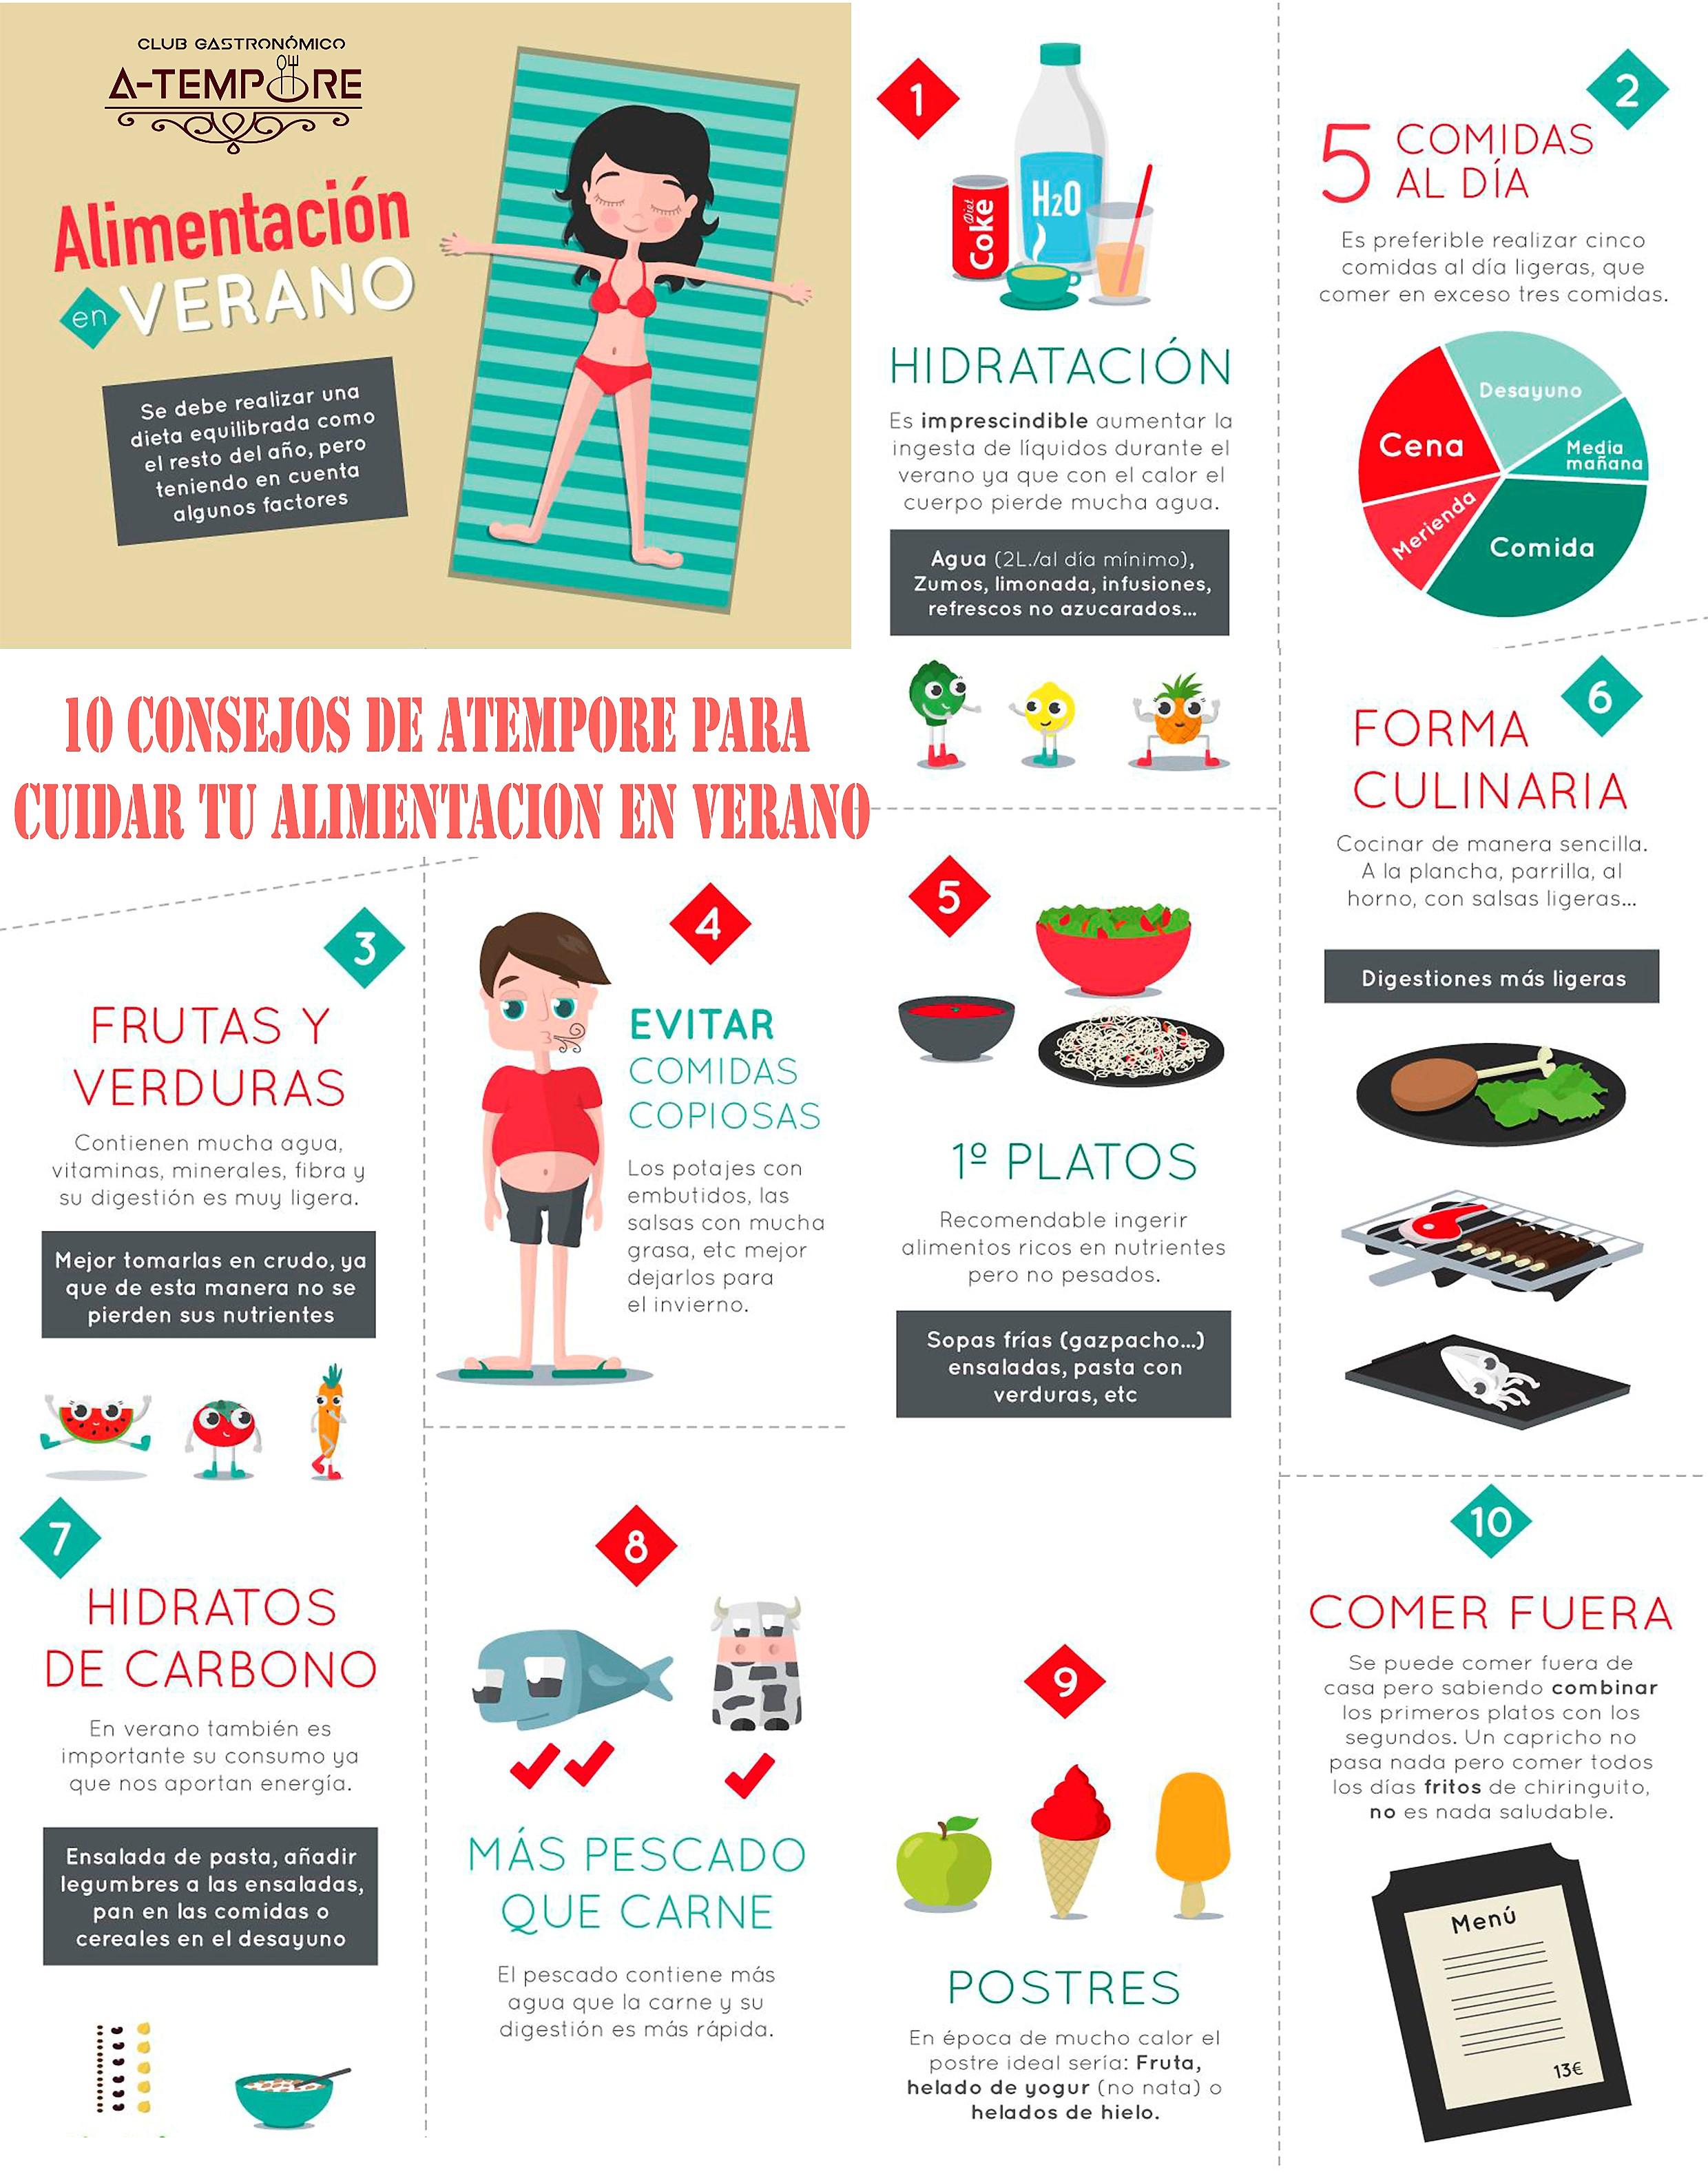 recomendaciones para cuidar la alimentacion